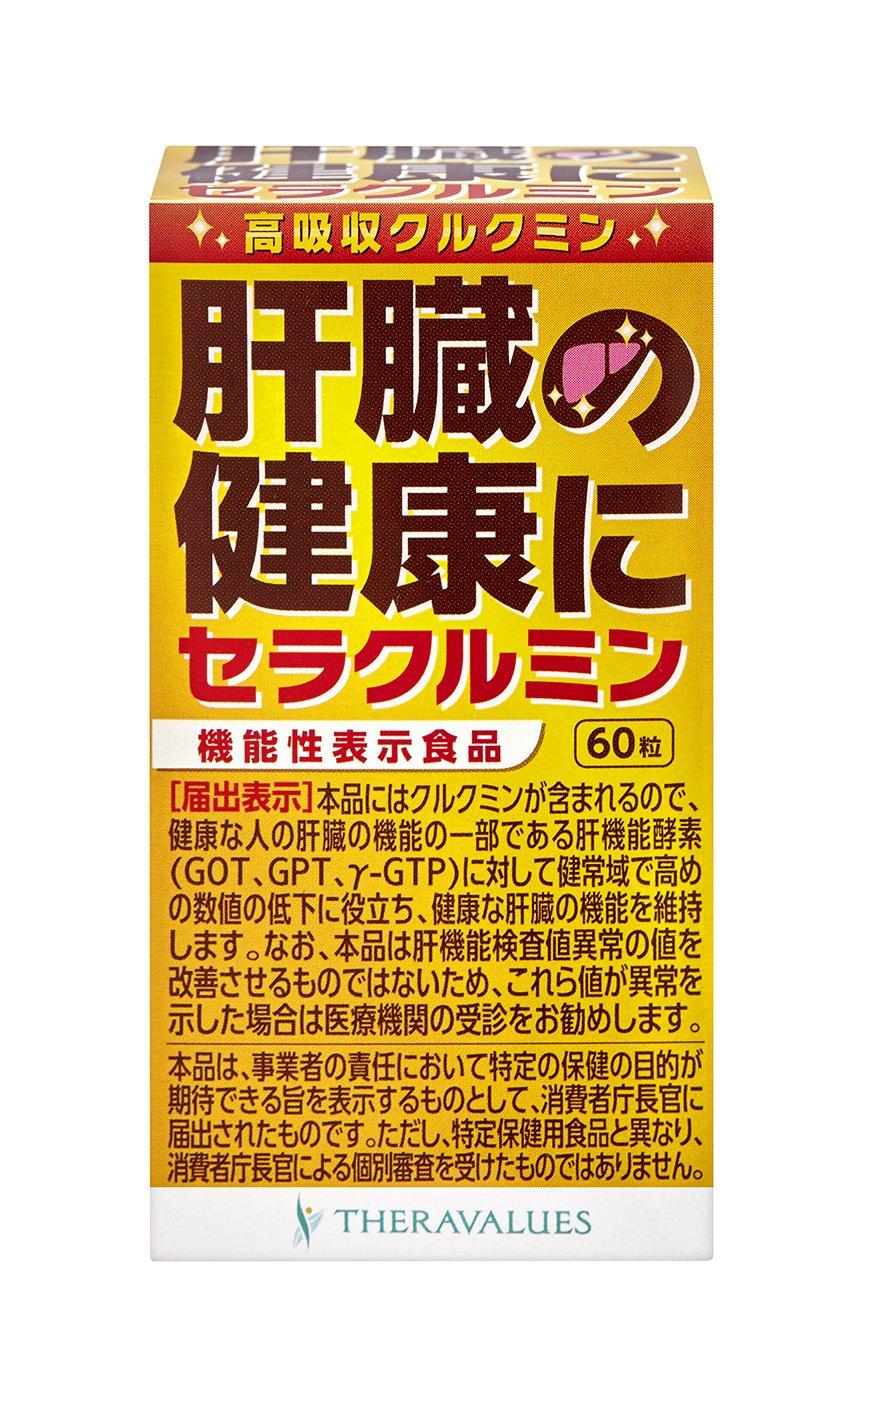 肝臓の健康にセラクルミン【60粒入り】[機能性表示食品] B01JG4CNH8